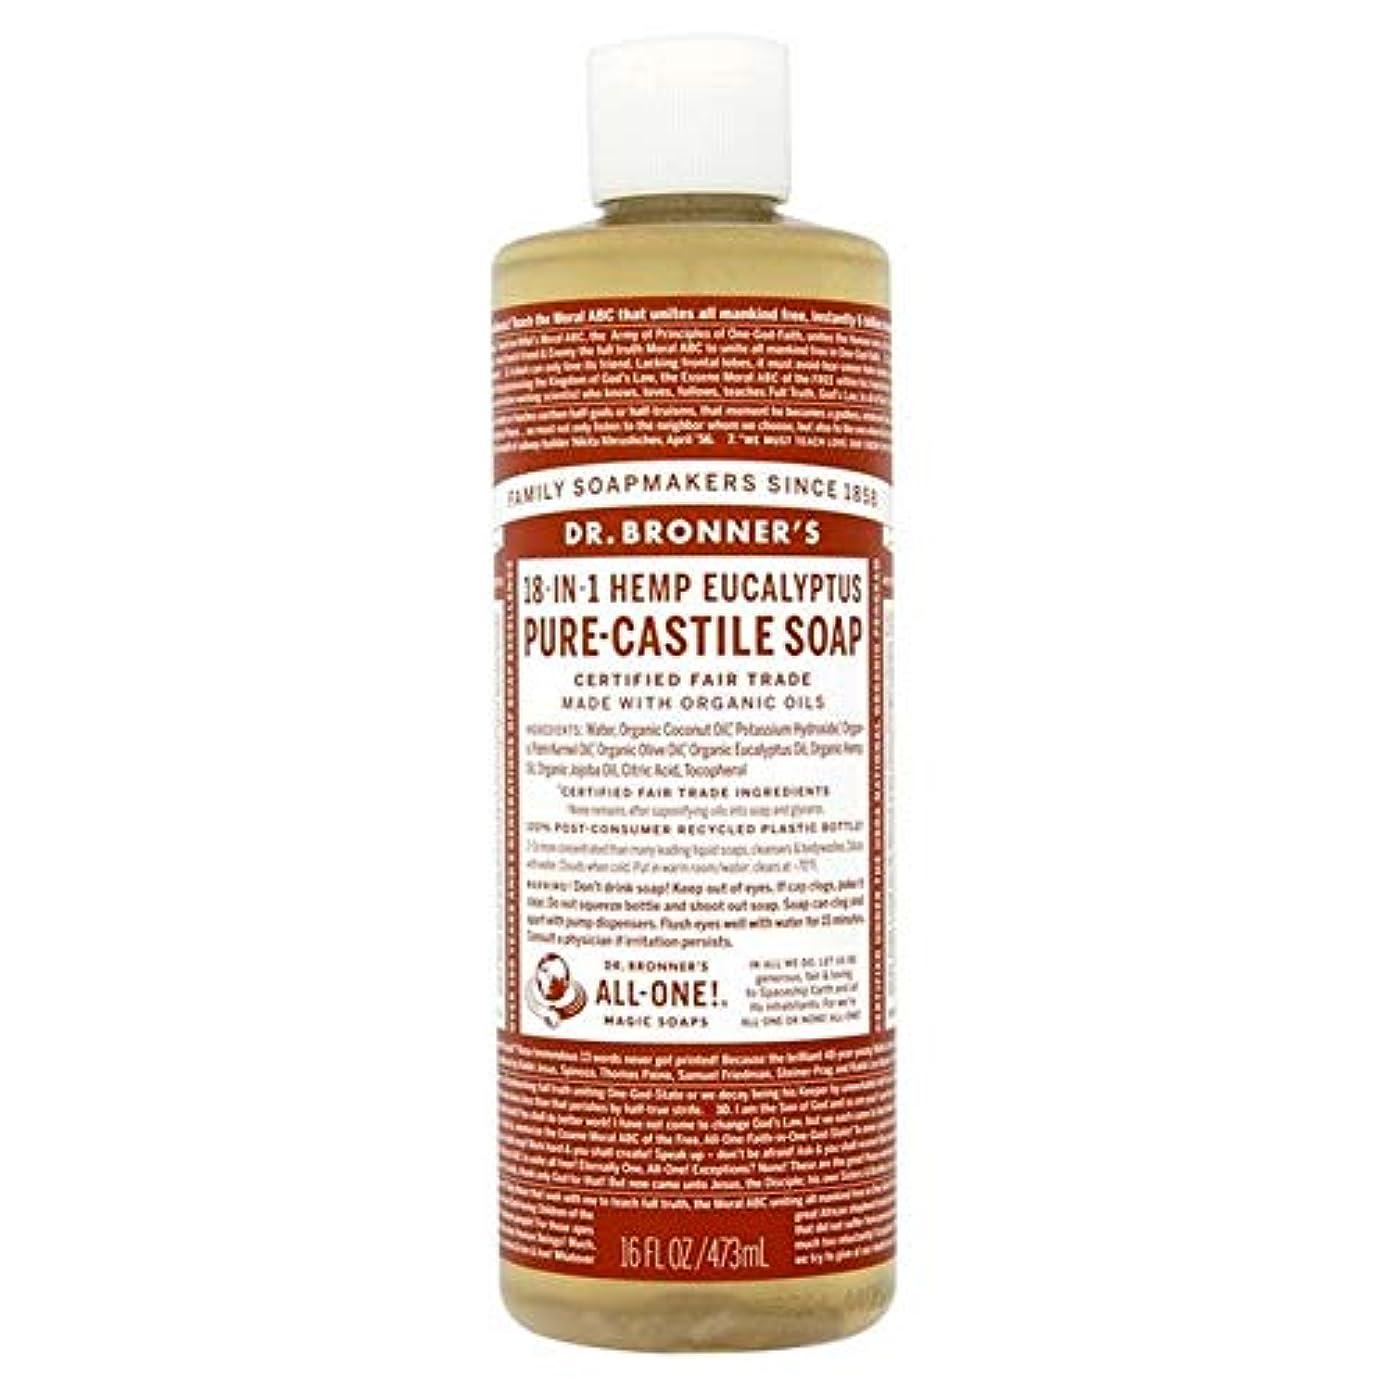 時代医療過誤心配[Dr Bronner] Dr。ブロナーズ有機ユーカリの純粋な-カスティーリャ液体石鹸473ミリリットル - Dr. Bronner's Organic Eucalyptus Pure-Castille Liquid Soap...